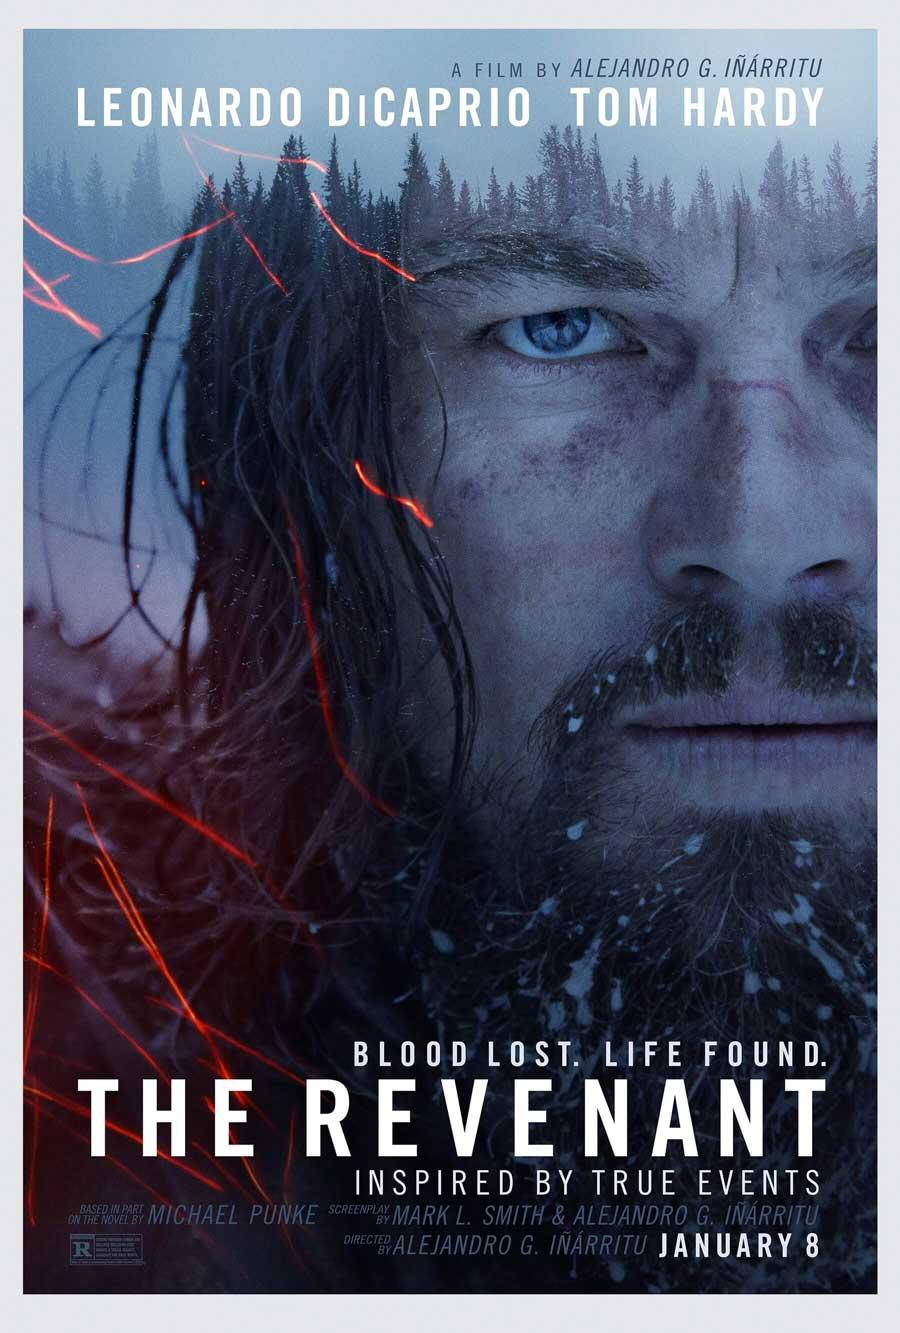 Poster for The Revenant